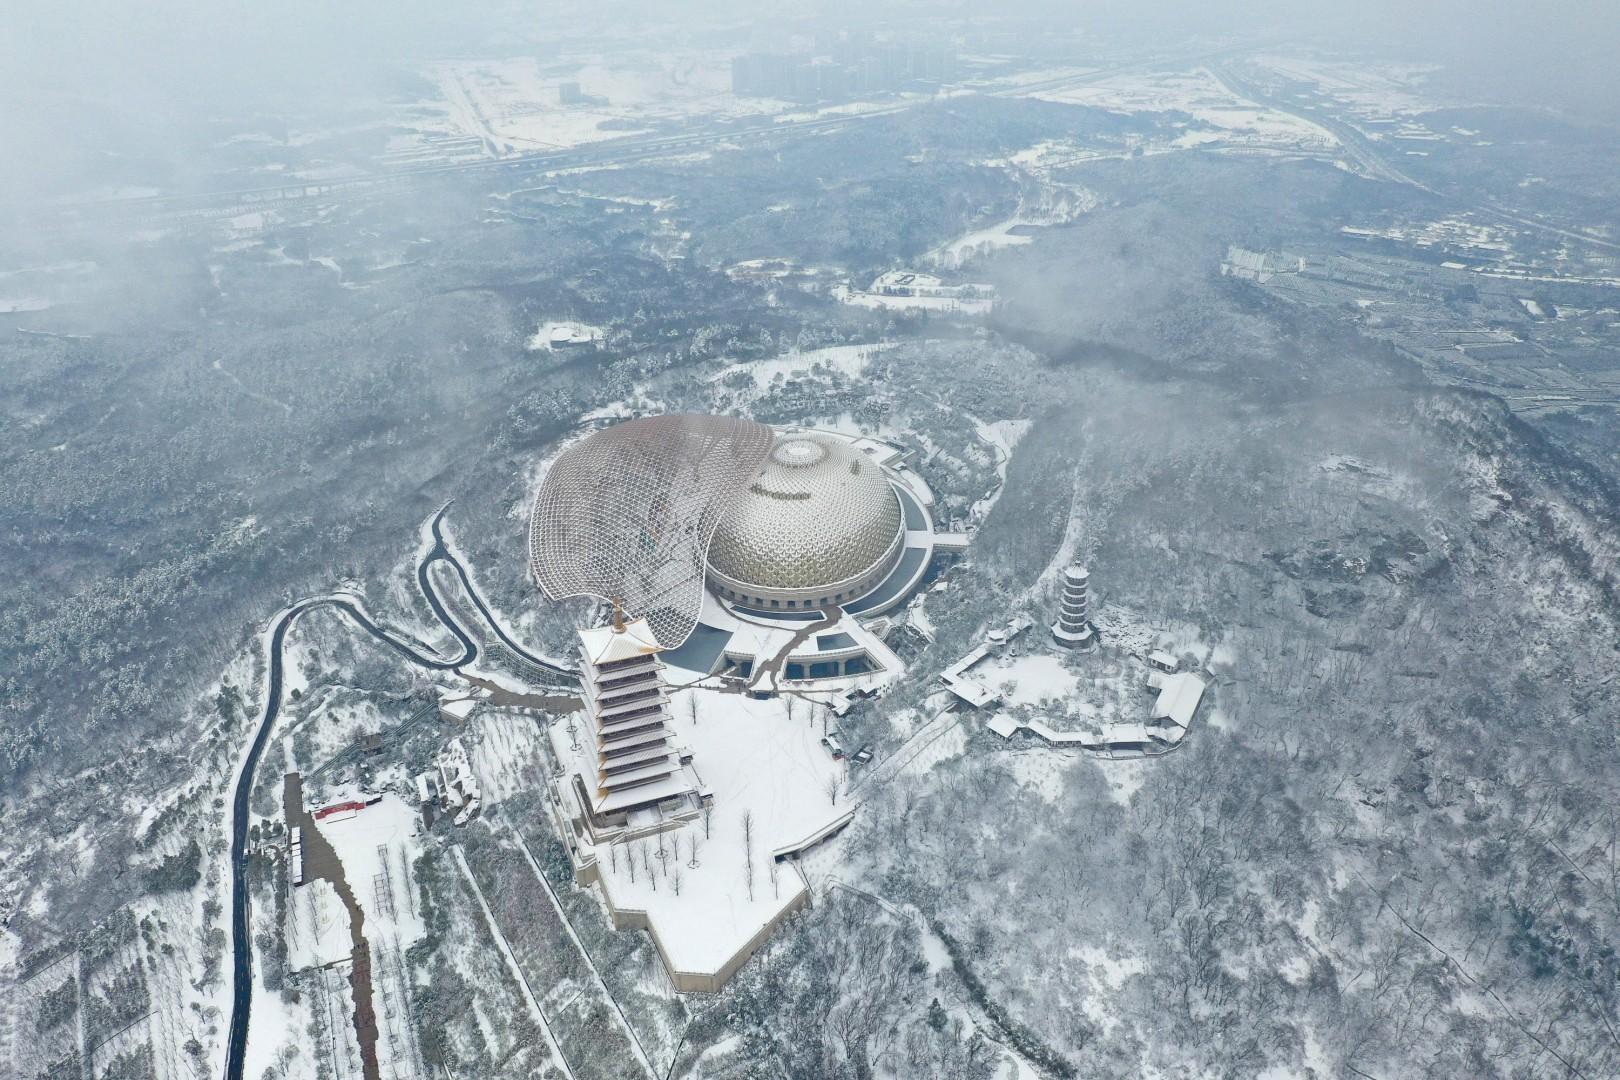 Vẻ đẹp trong trẻo của tuyết mùa xuân ở Trung Quốc khiến nhiều tín đồ du lịch cuồng chân dù đã hết Tết - Ảnh 8.